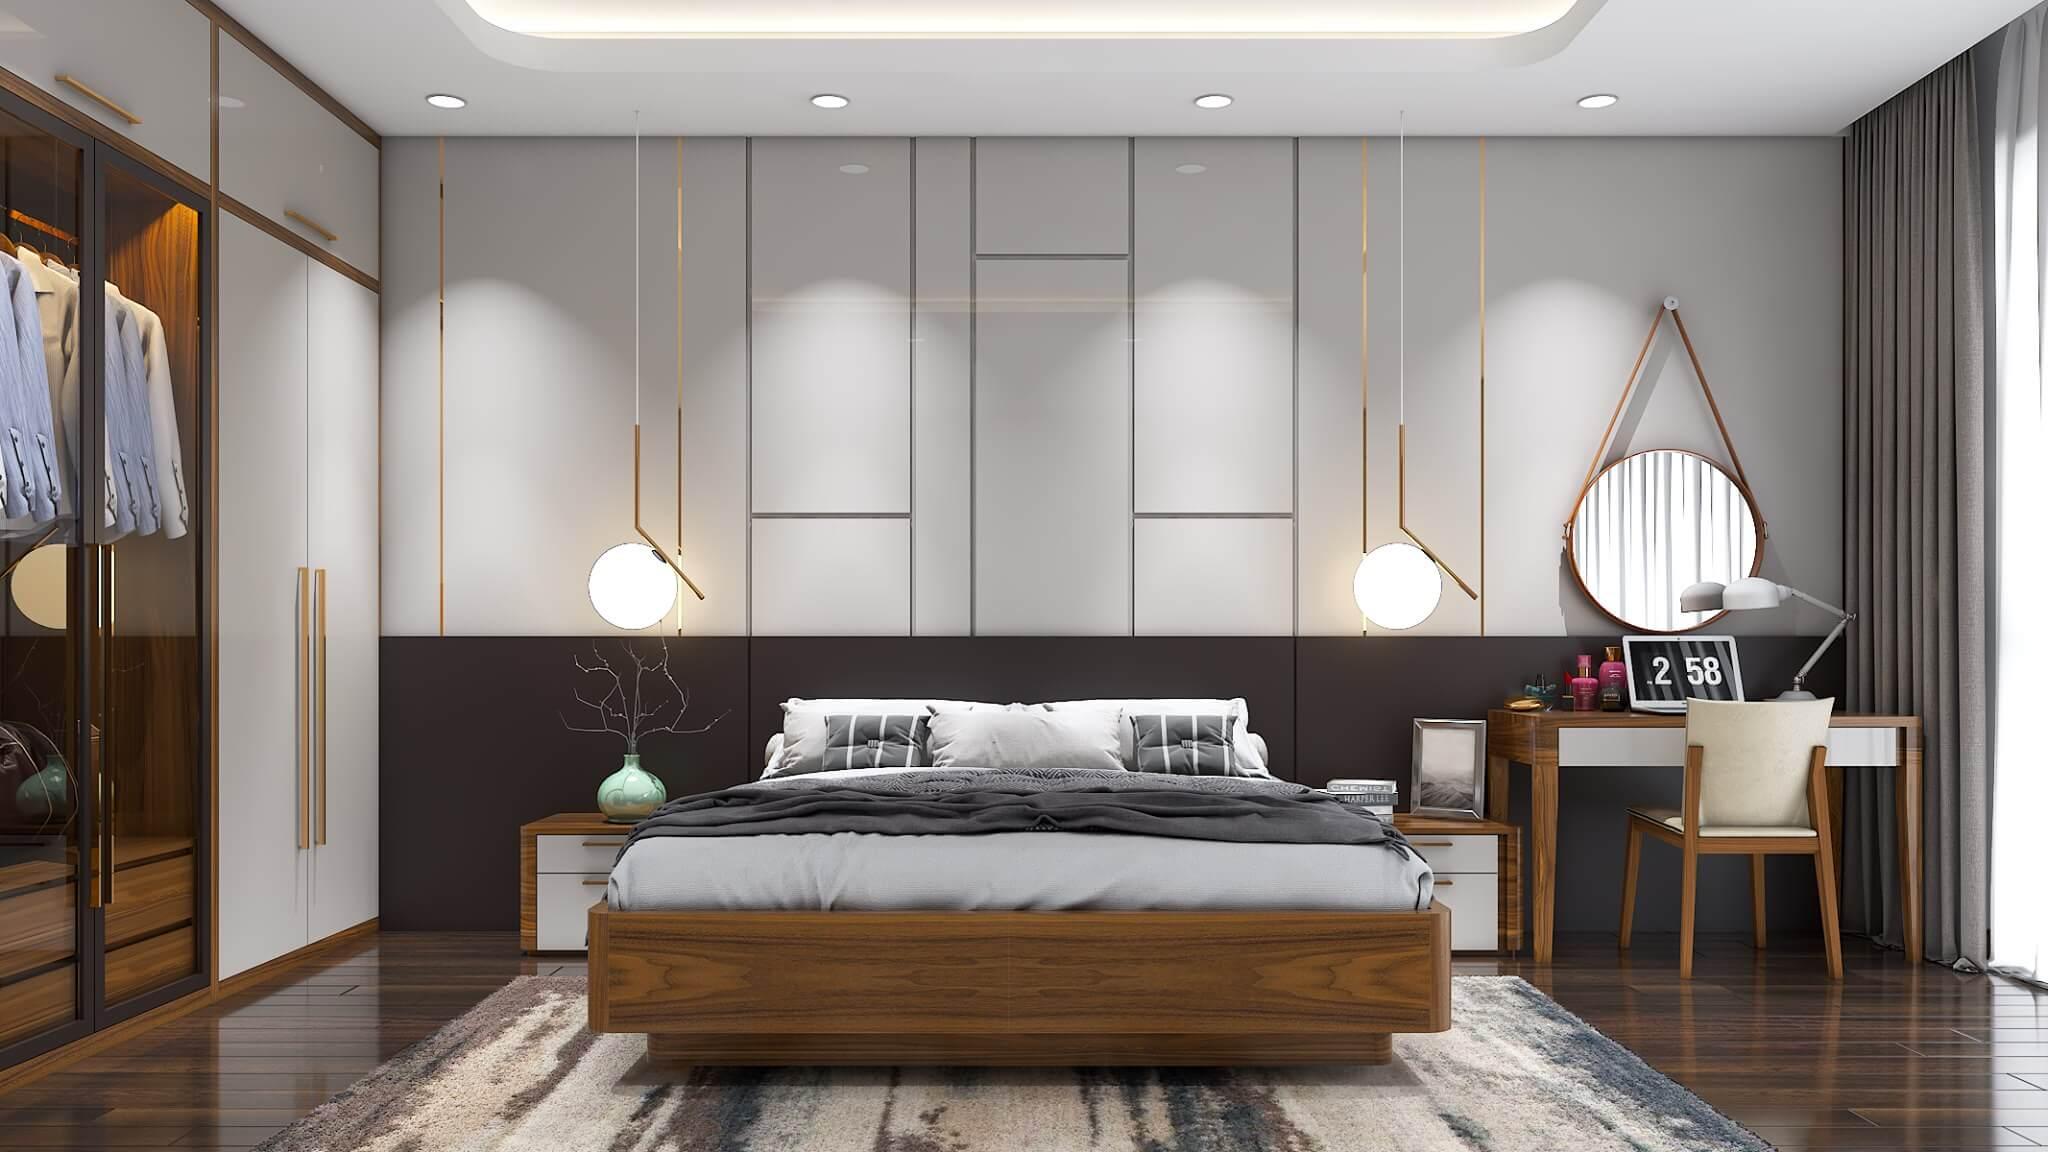 Tường của phòng ngủ được ốp vách gỗ công nghiệp hiện đại